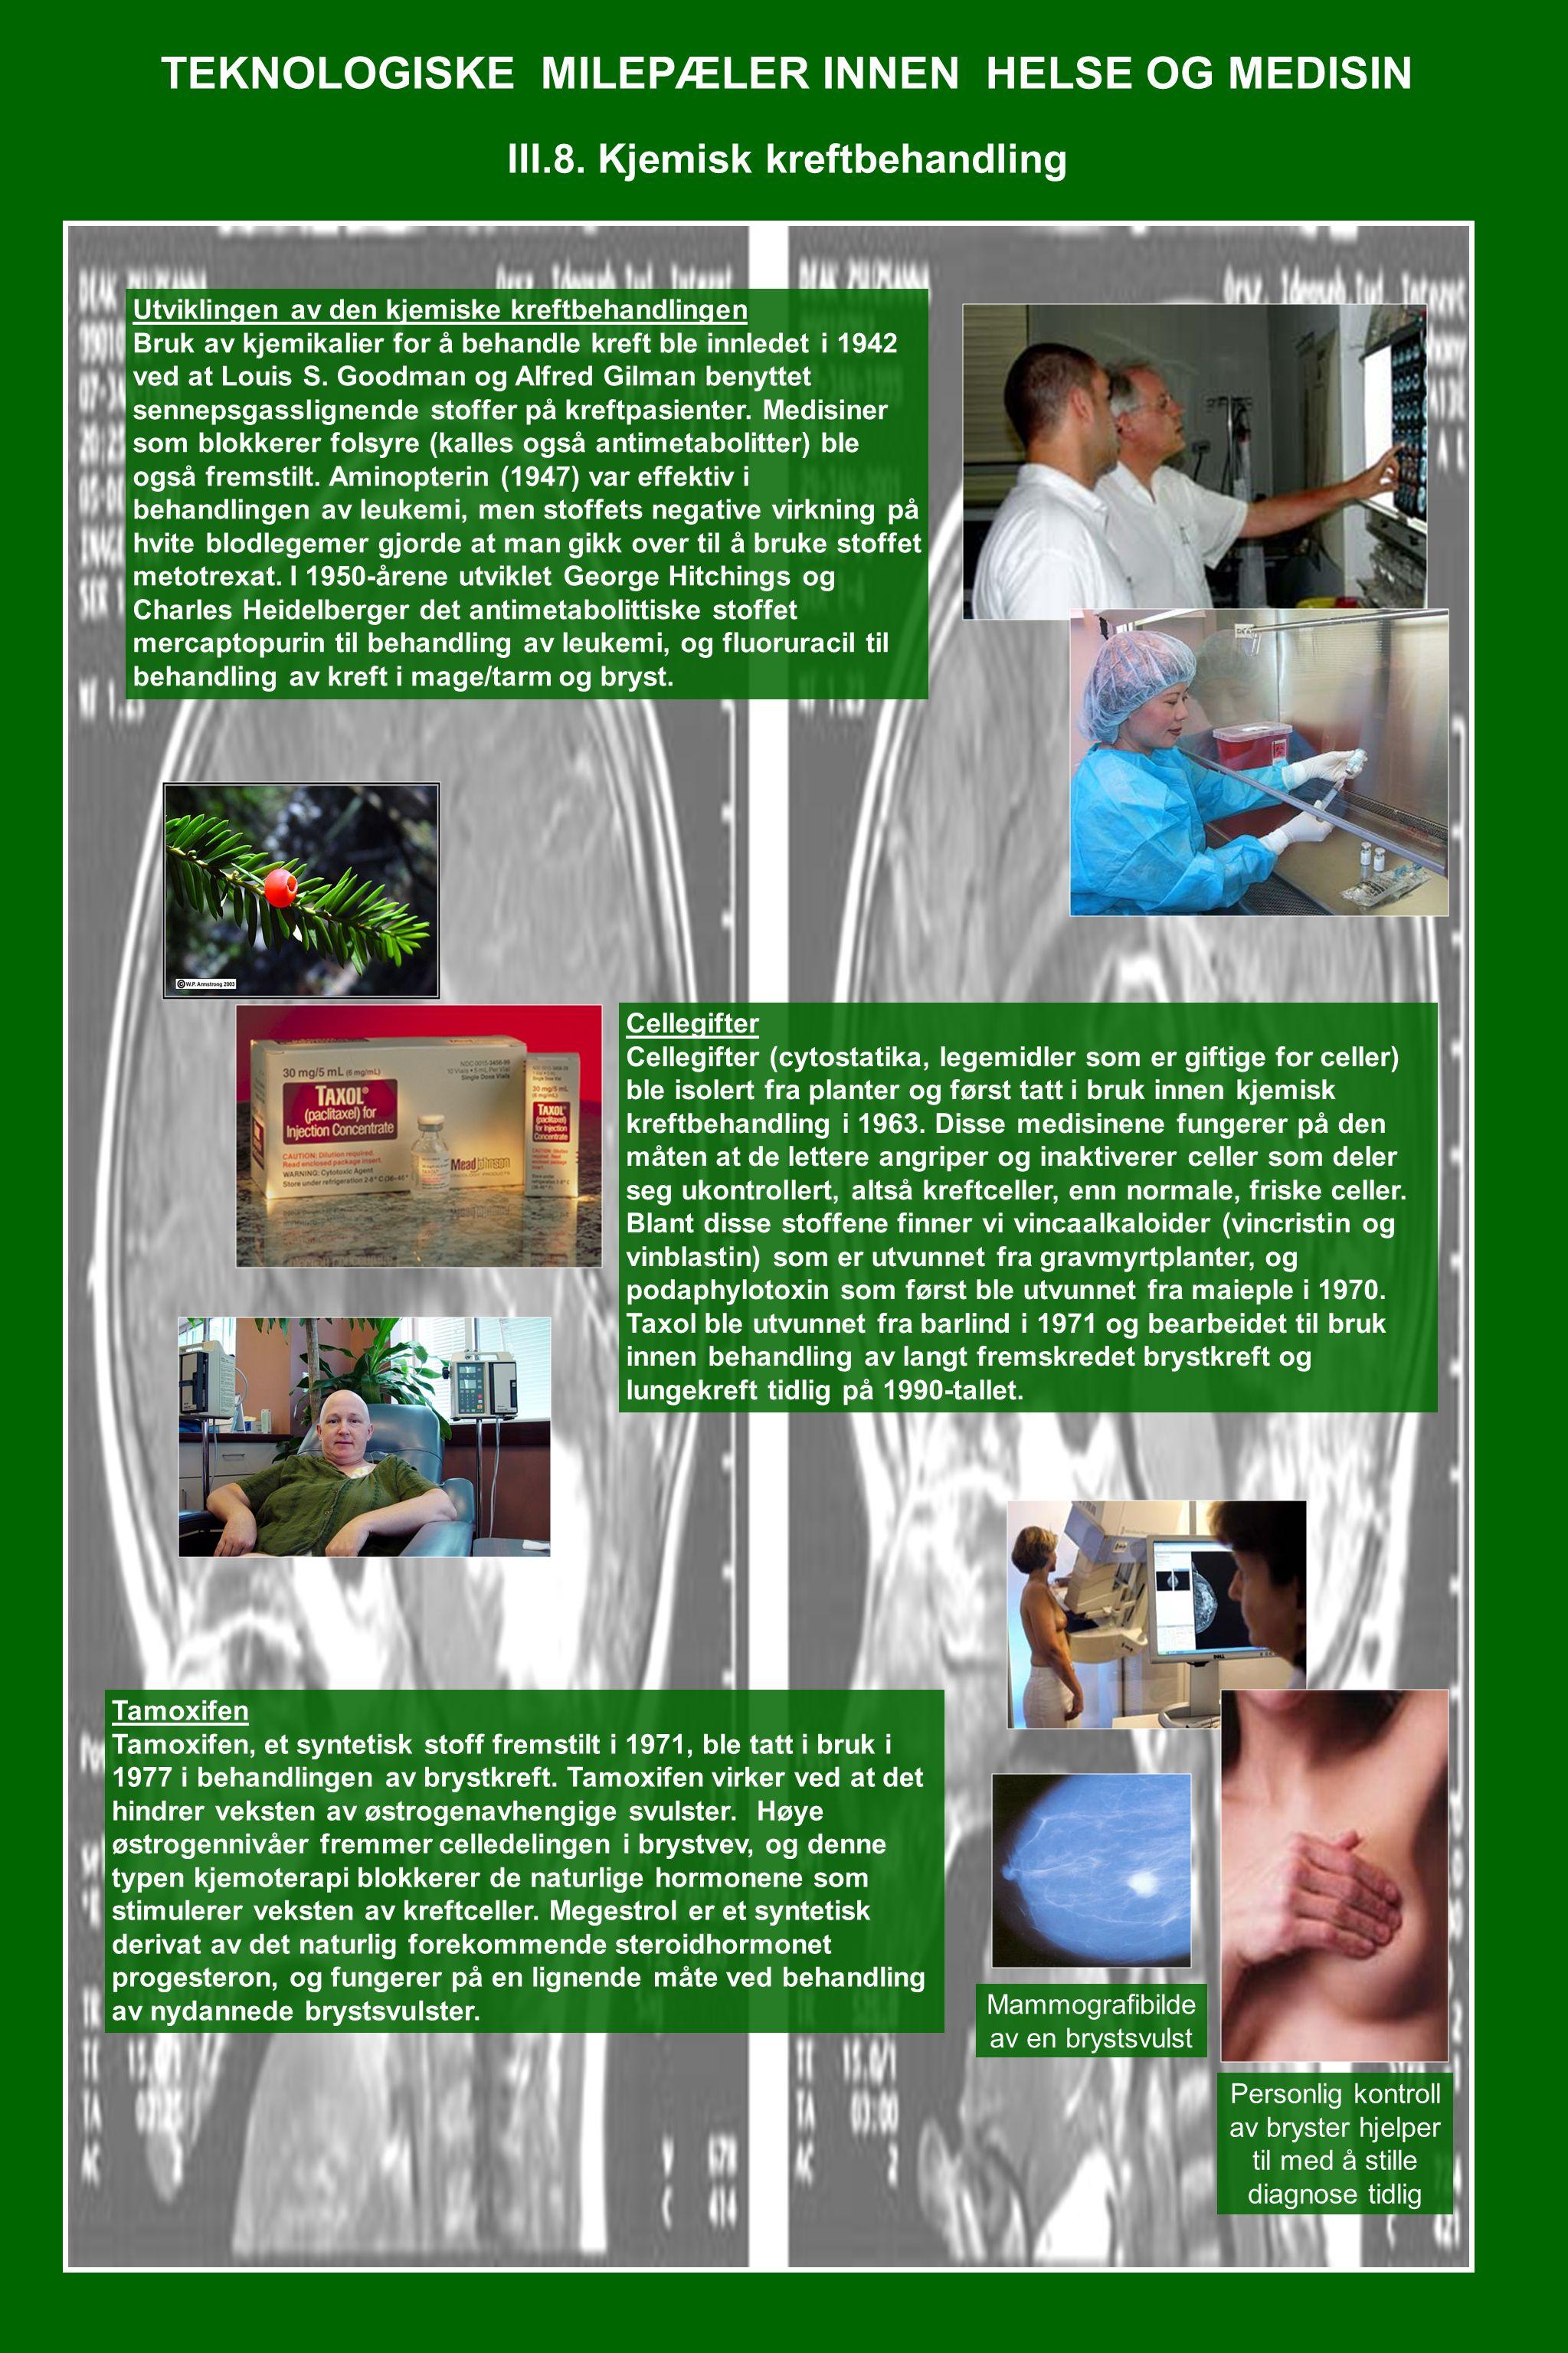 TEKNOLOGISKE MILEPÆLER INNEN HELSE OG MEDISIN III.8. Kjemisk kreftbehandling Utviklingen av den kjemiske kreftbehandlingen Bruk av kjemikalier for å b